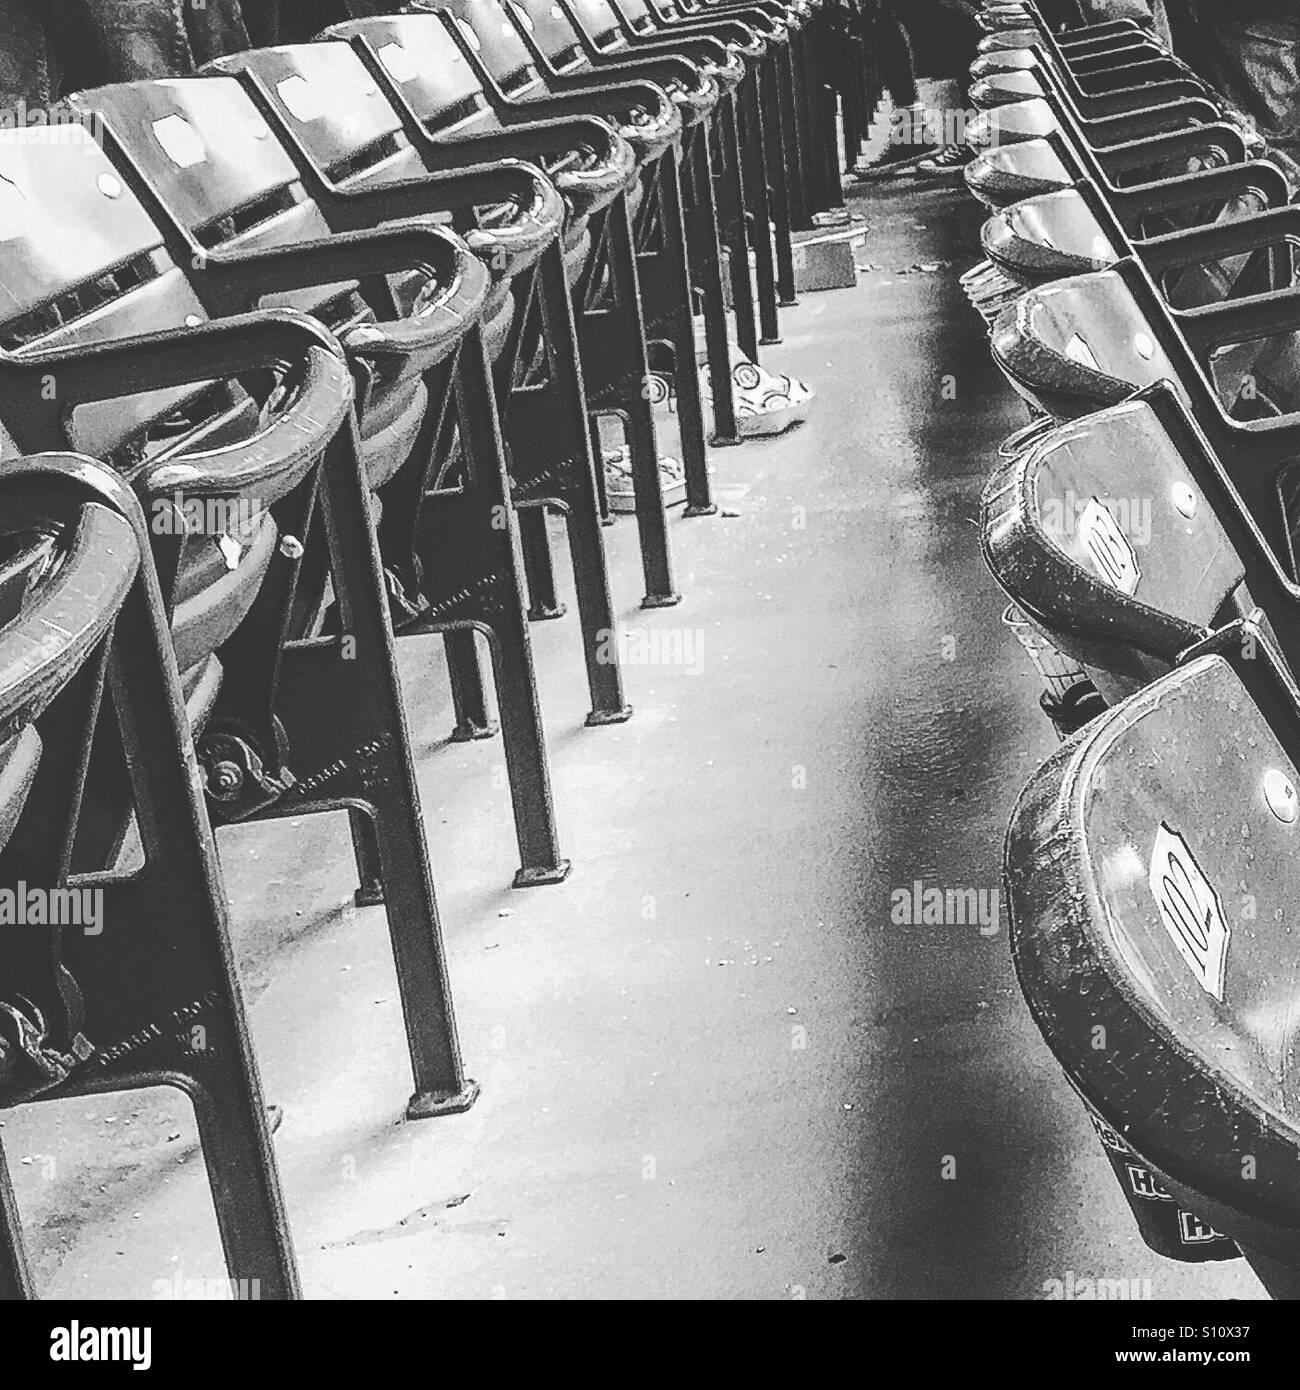 Empty Bleachers Seats Stock Photos & Empty Bleachers Seats